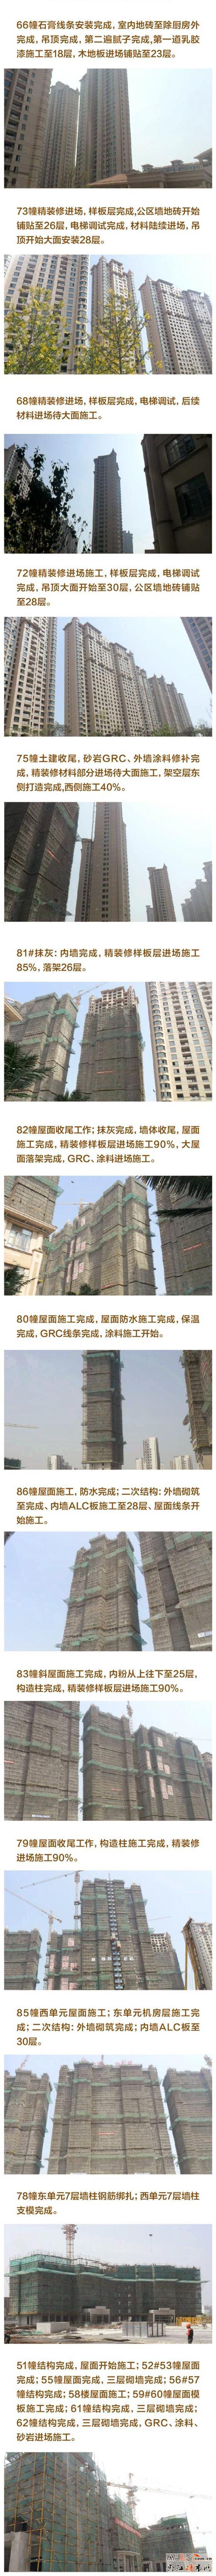 吴江中南世纪城最新工程进度